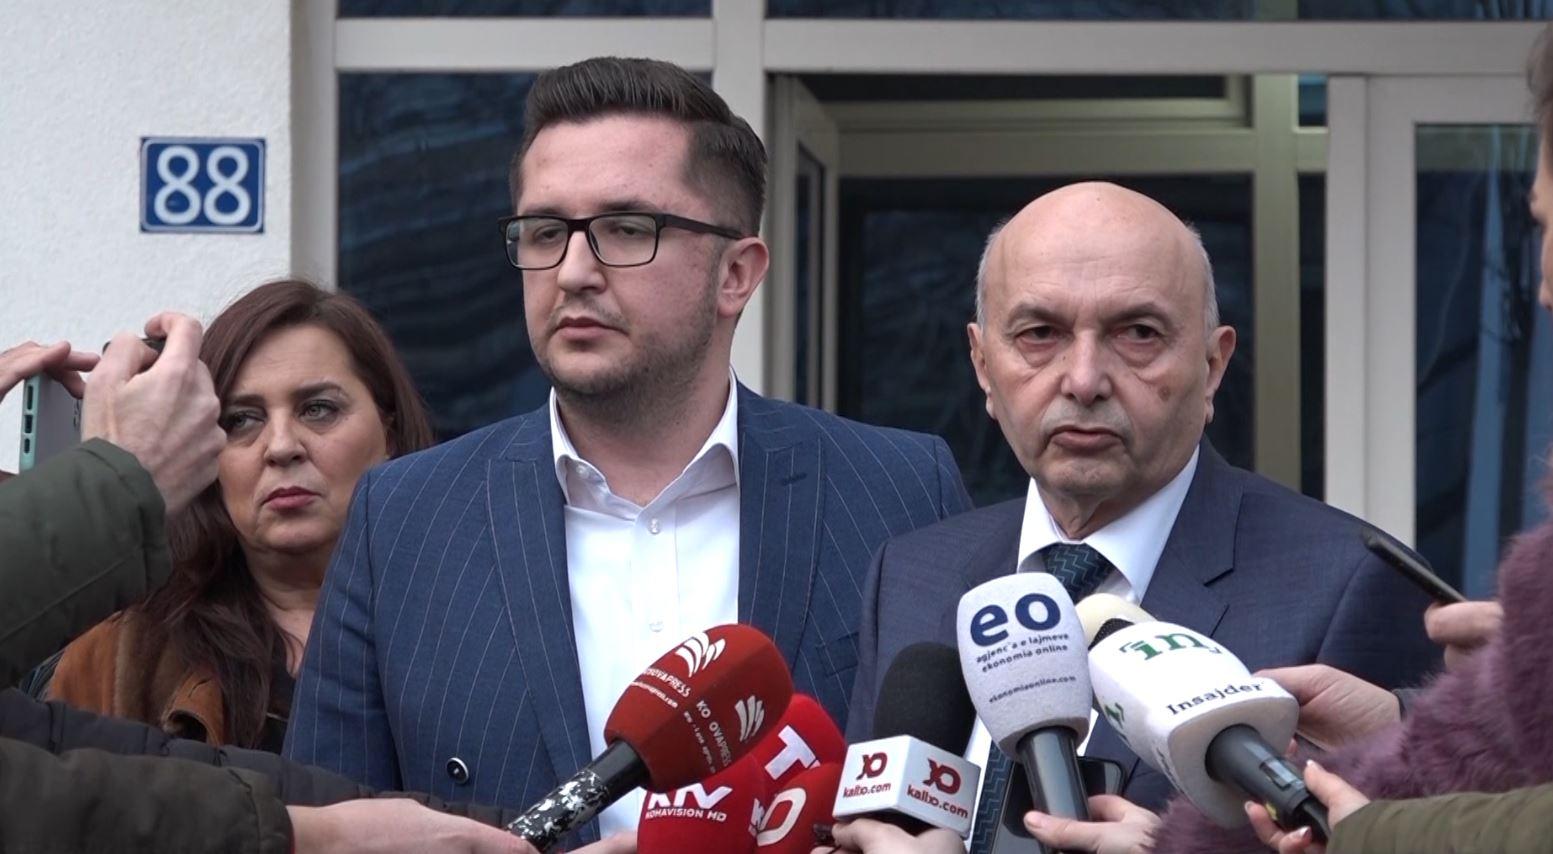 Vetëvendosja paralajmëron zgjedhje të reja, LDK: Të lëshojmë rrugë